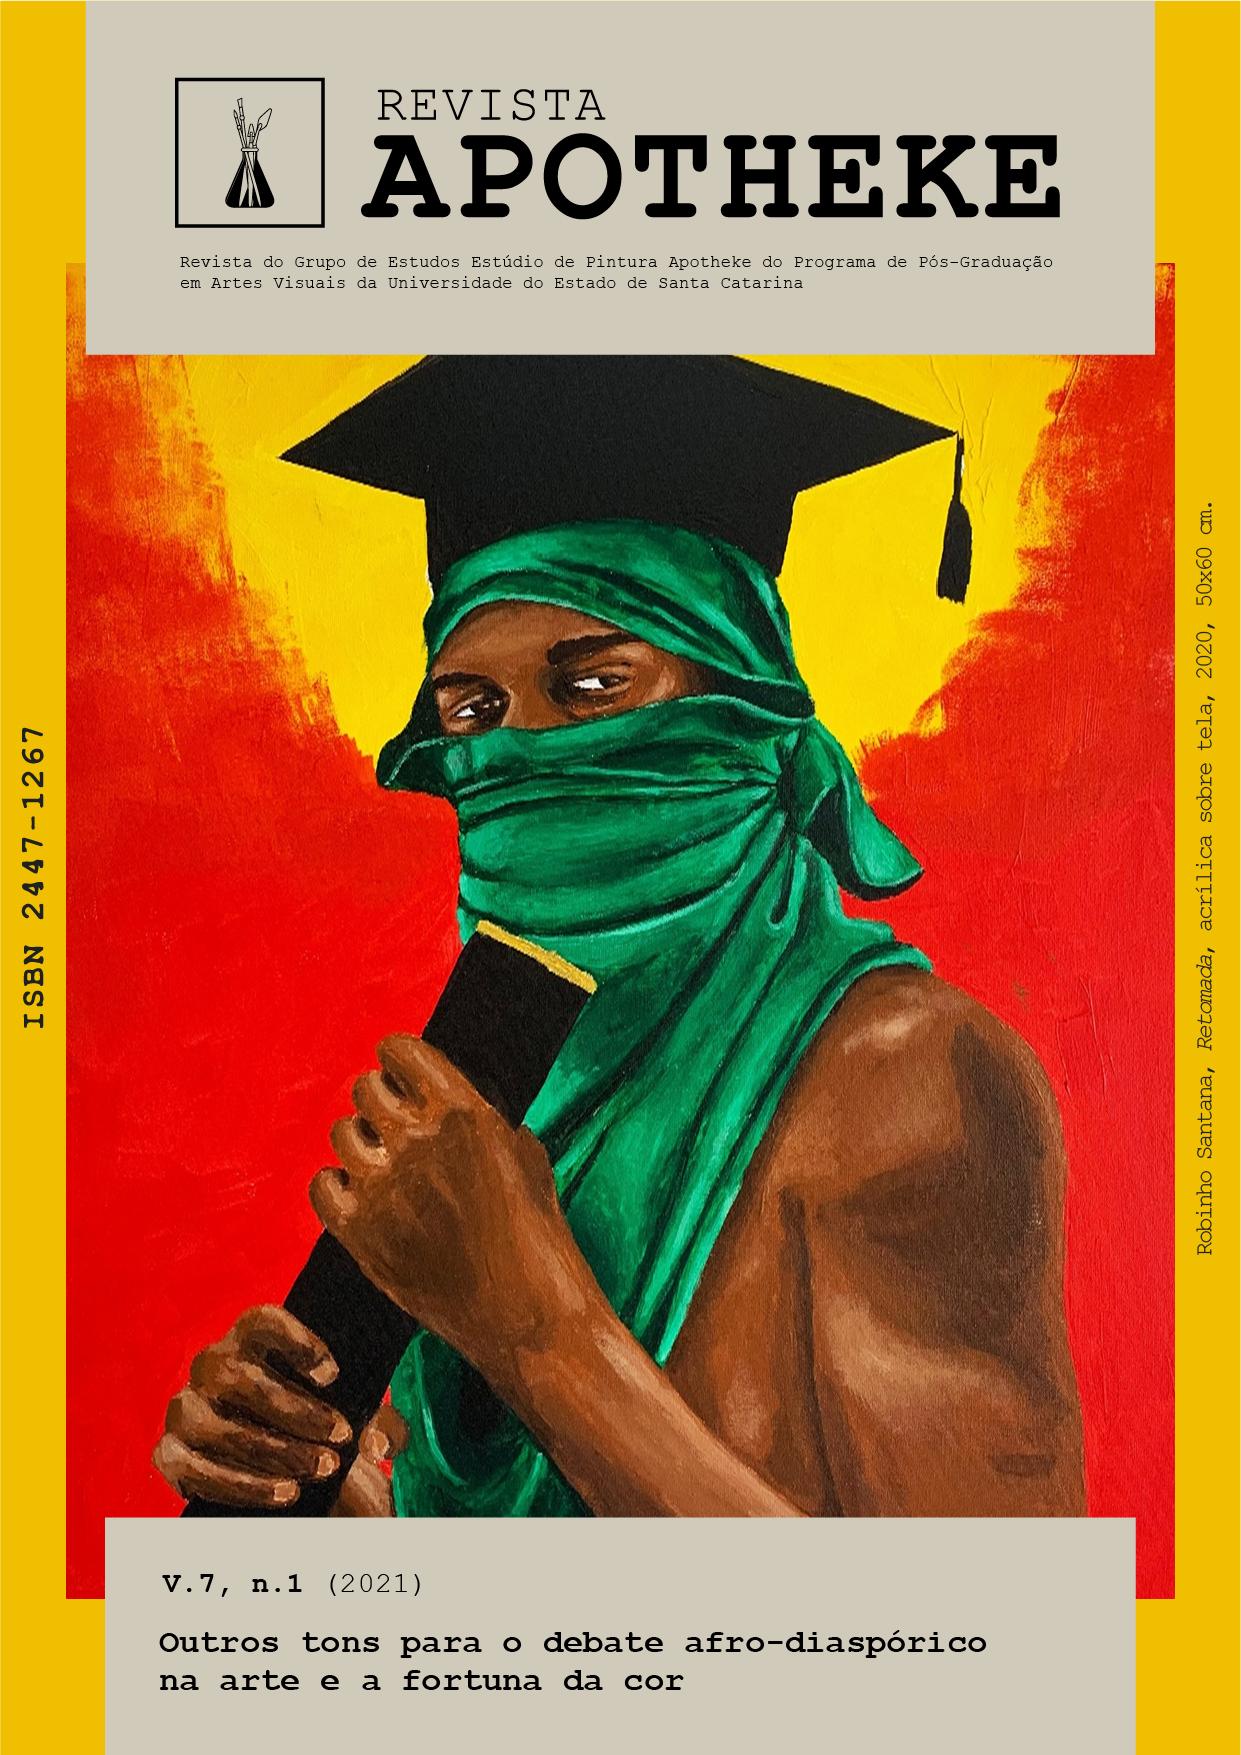 Visualizar v. 7 n. 1 (2021): Outros tons para o debate afro-diaspórico na arte e a fortuna da cor